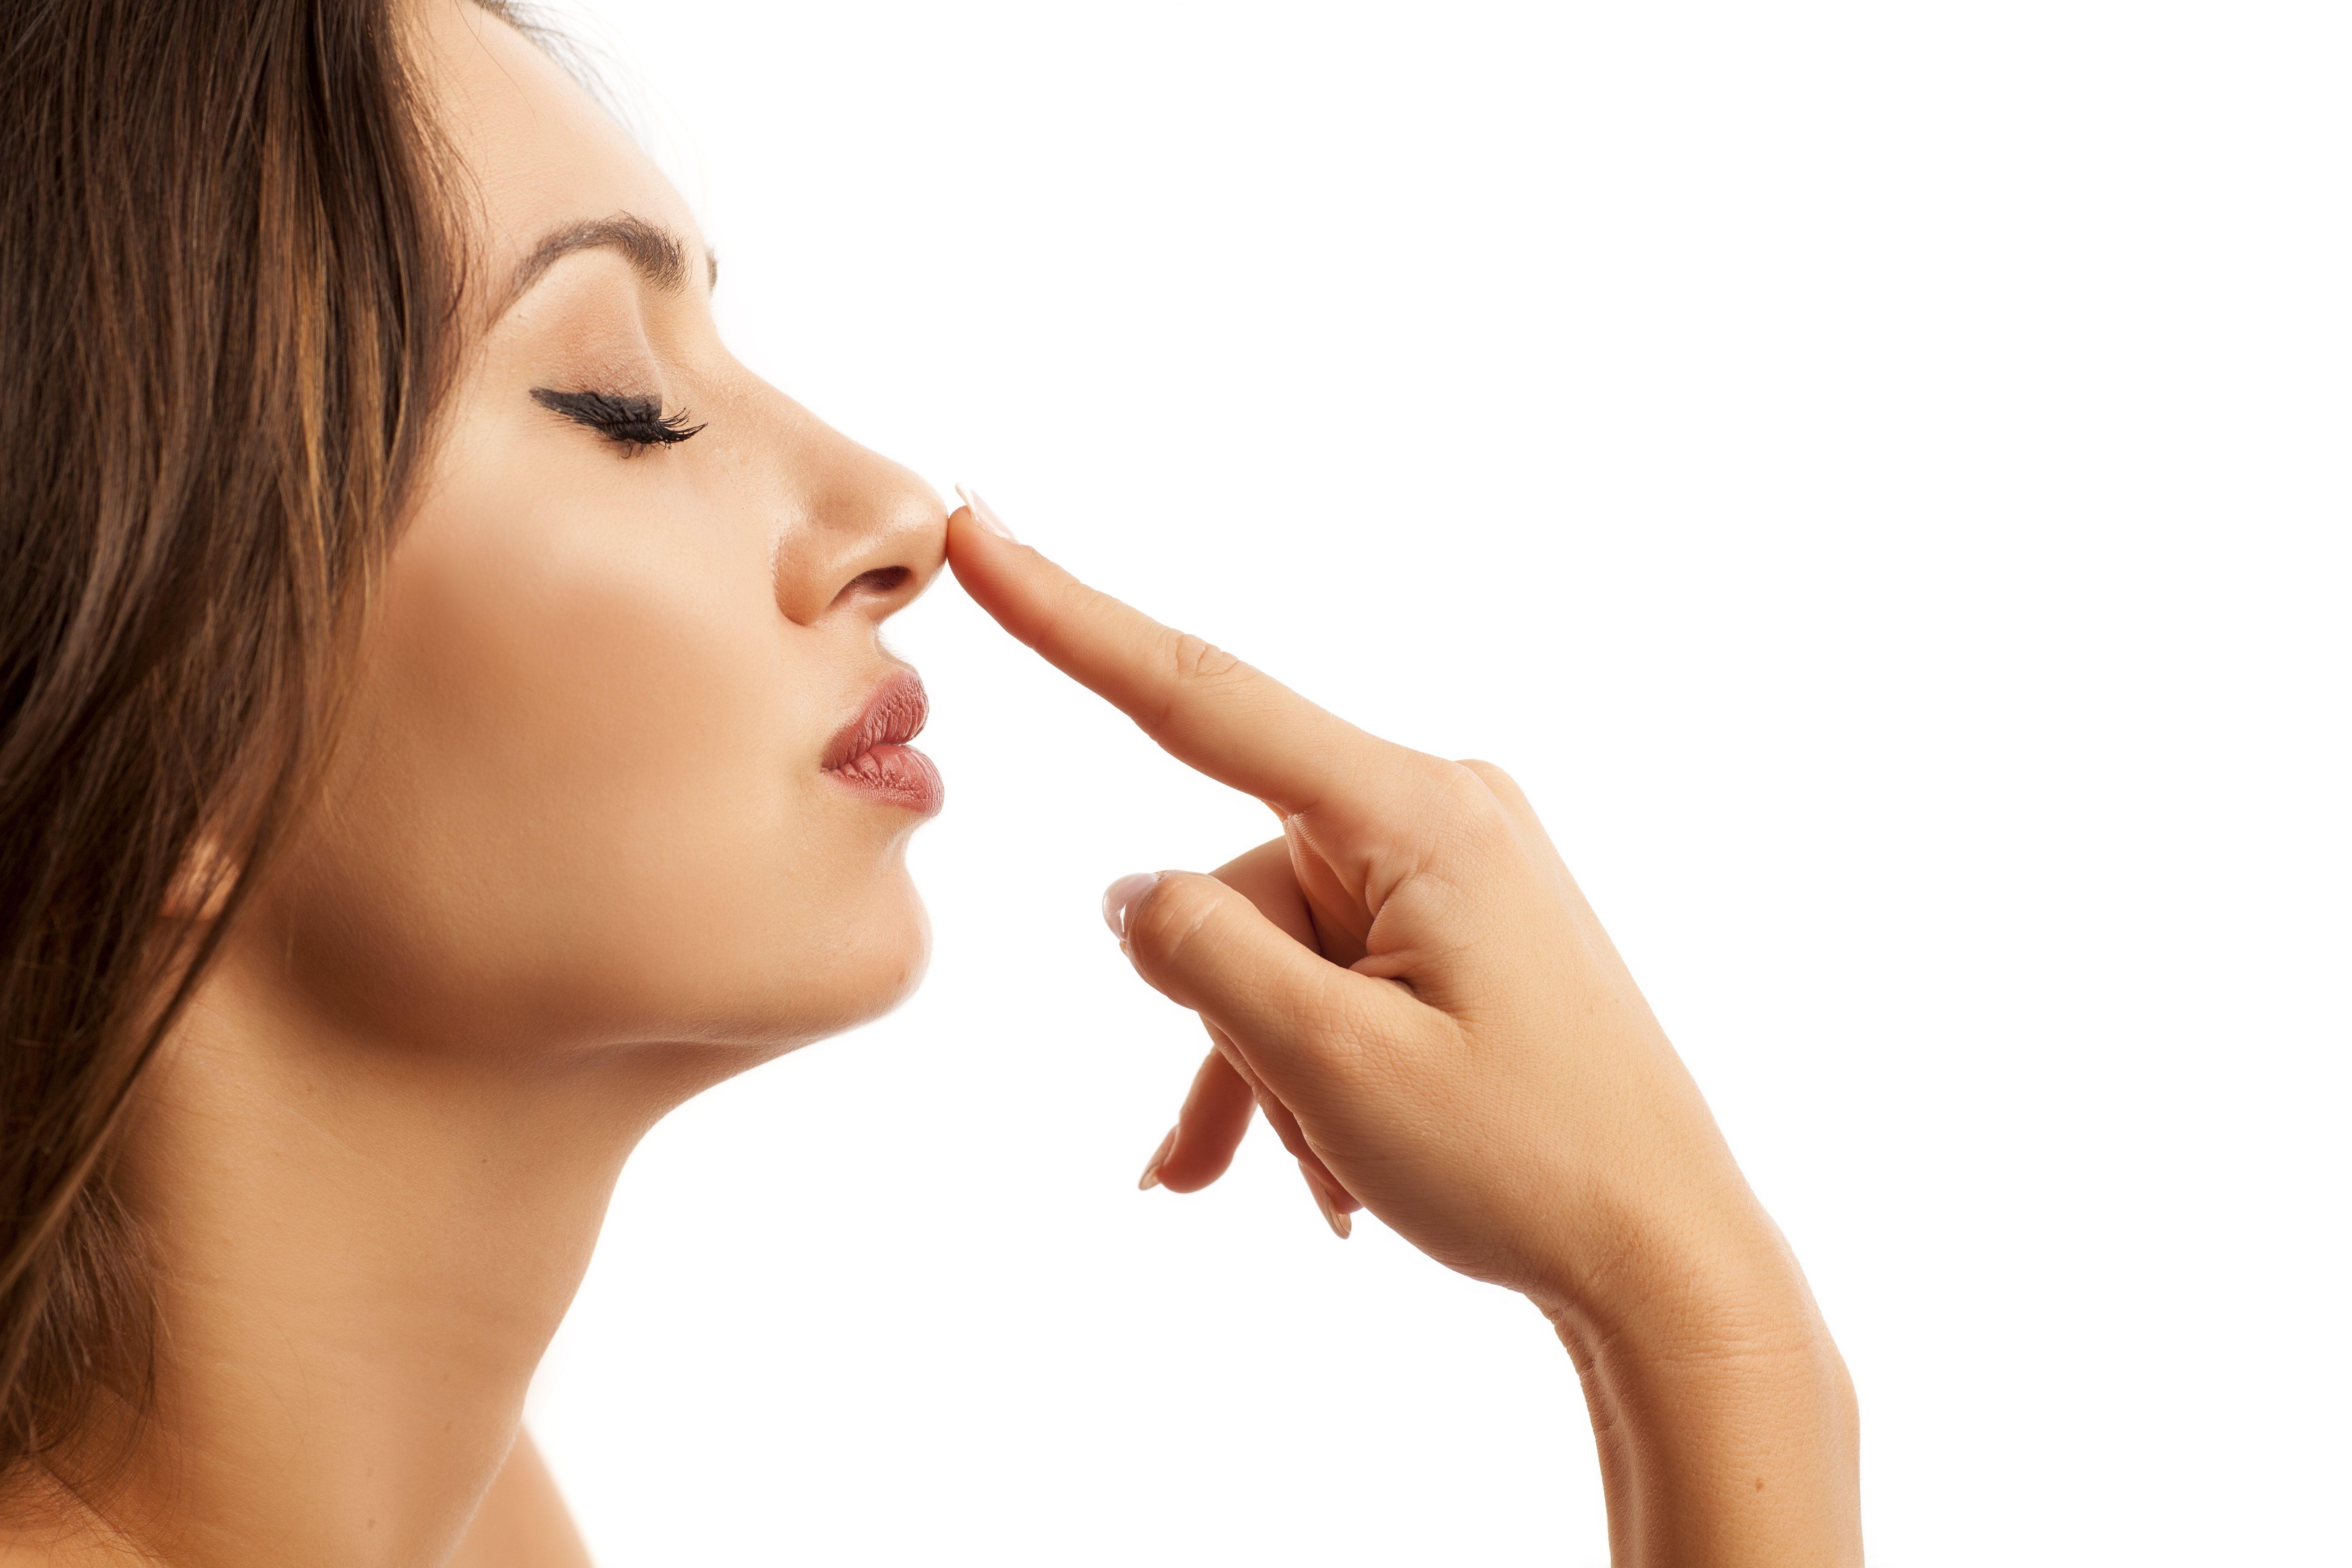 La nariz se puede disimular con maquillaje